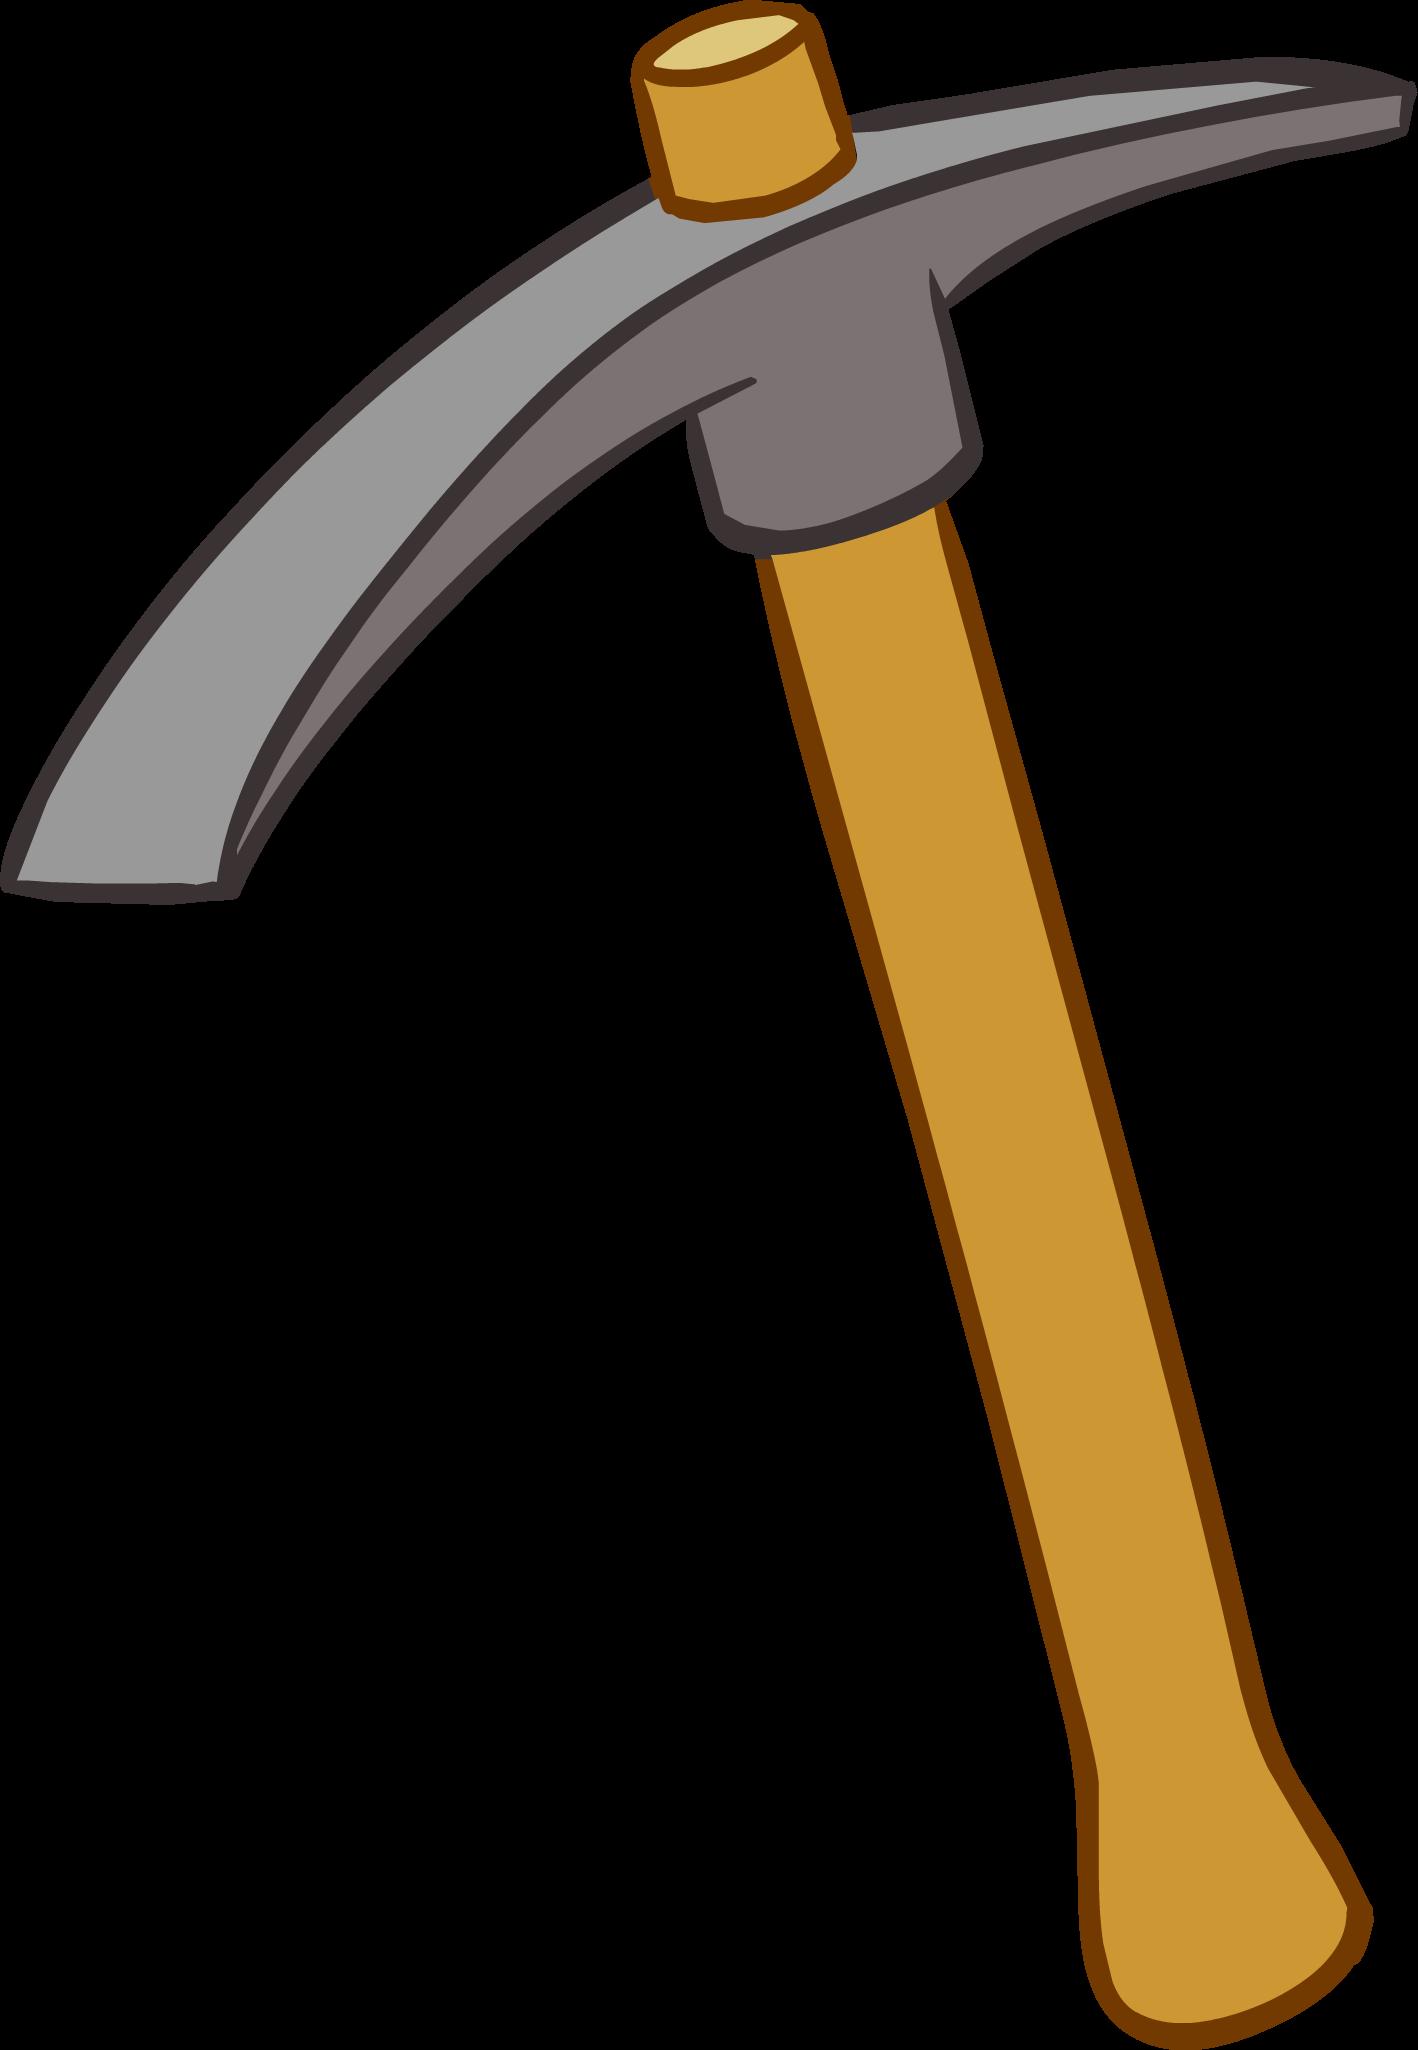 Pickaxe.